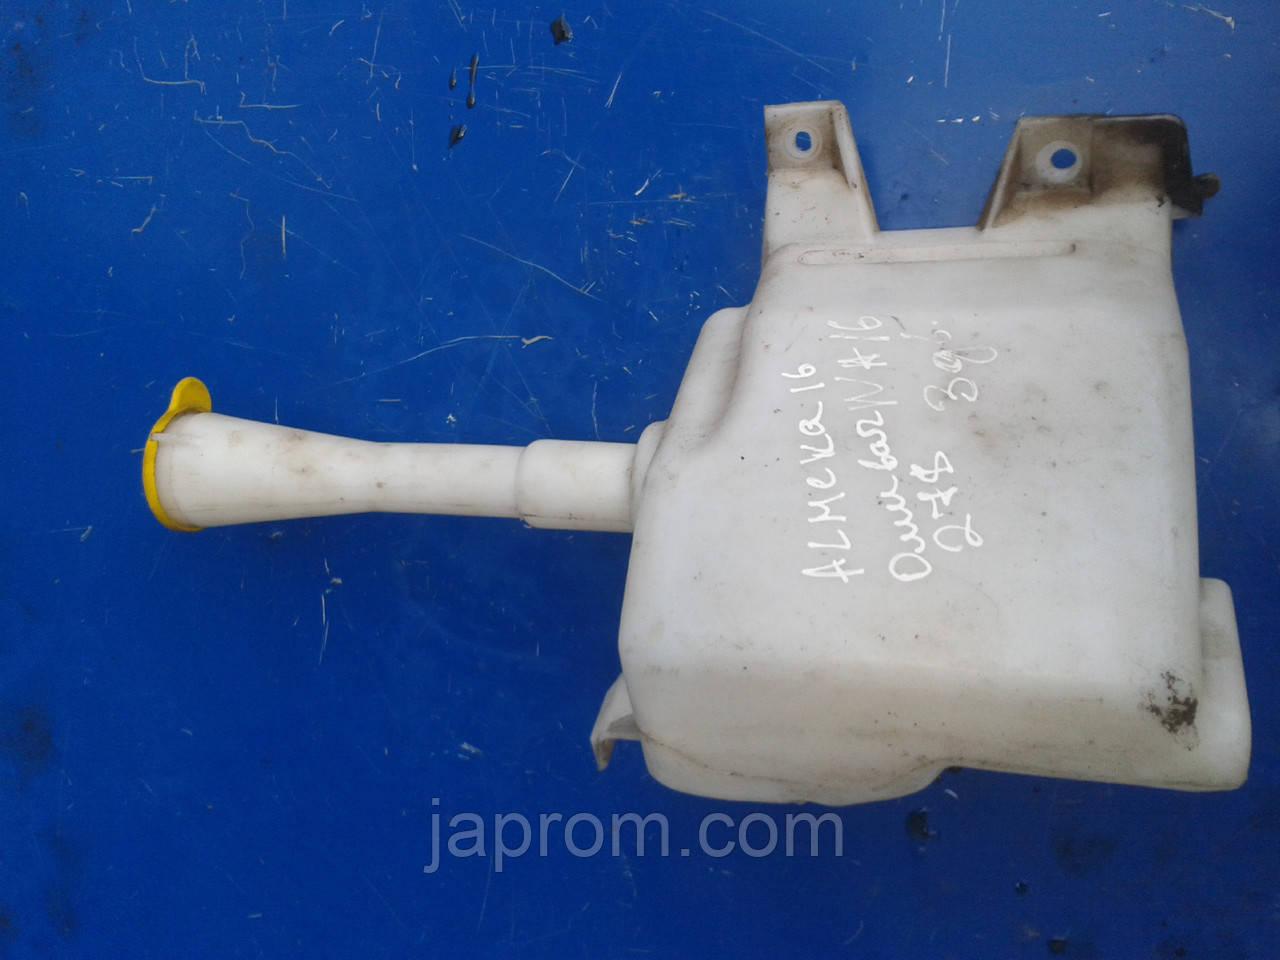 Бачок омывателя Nissan Almera N16 2000-2006г.в 3дв хетч